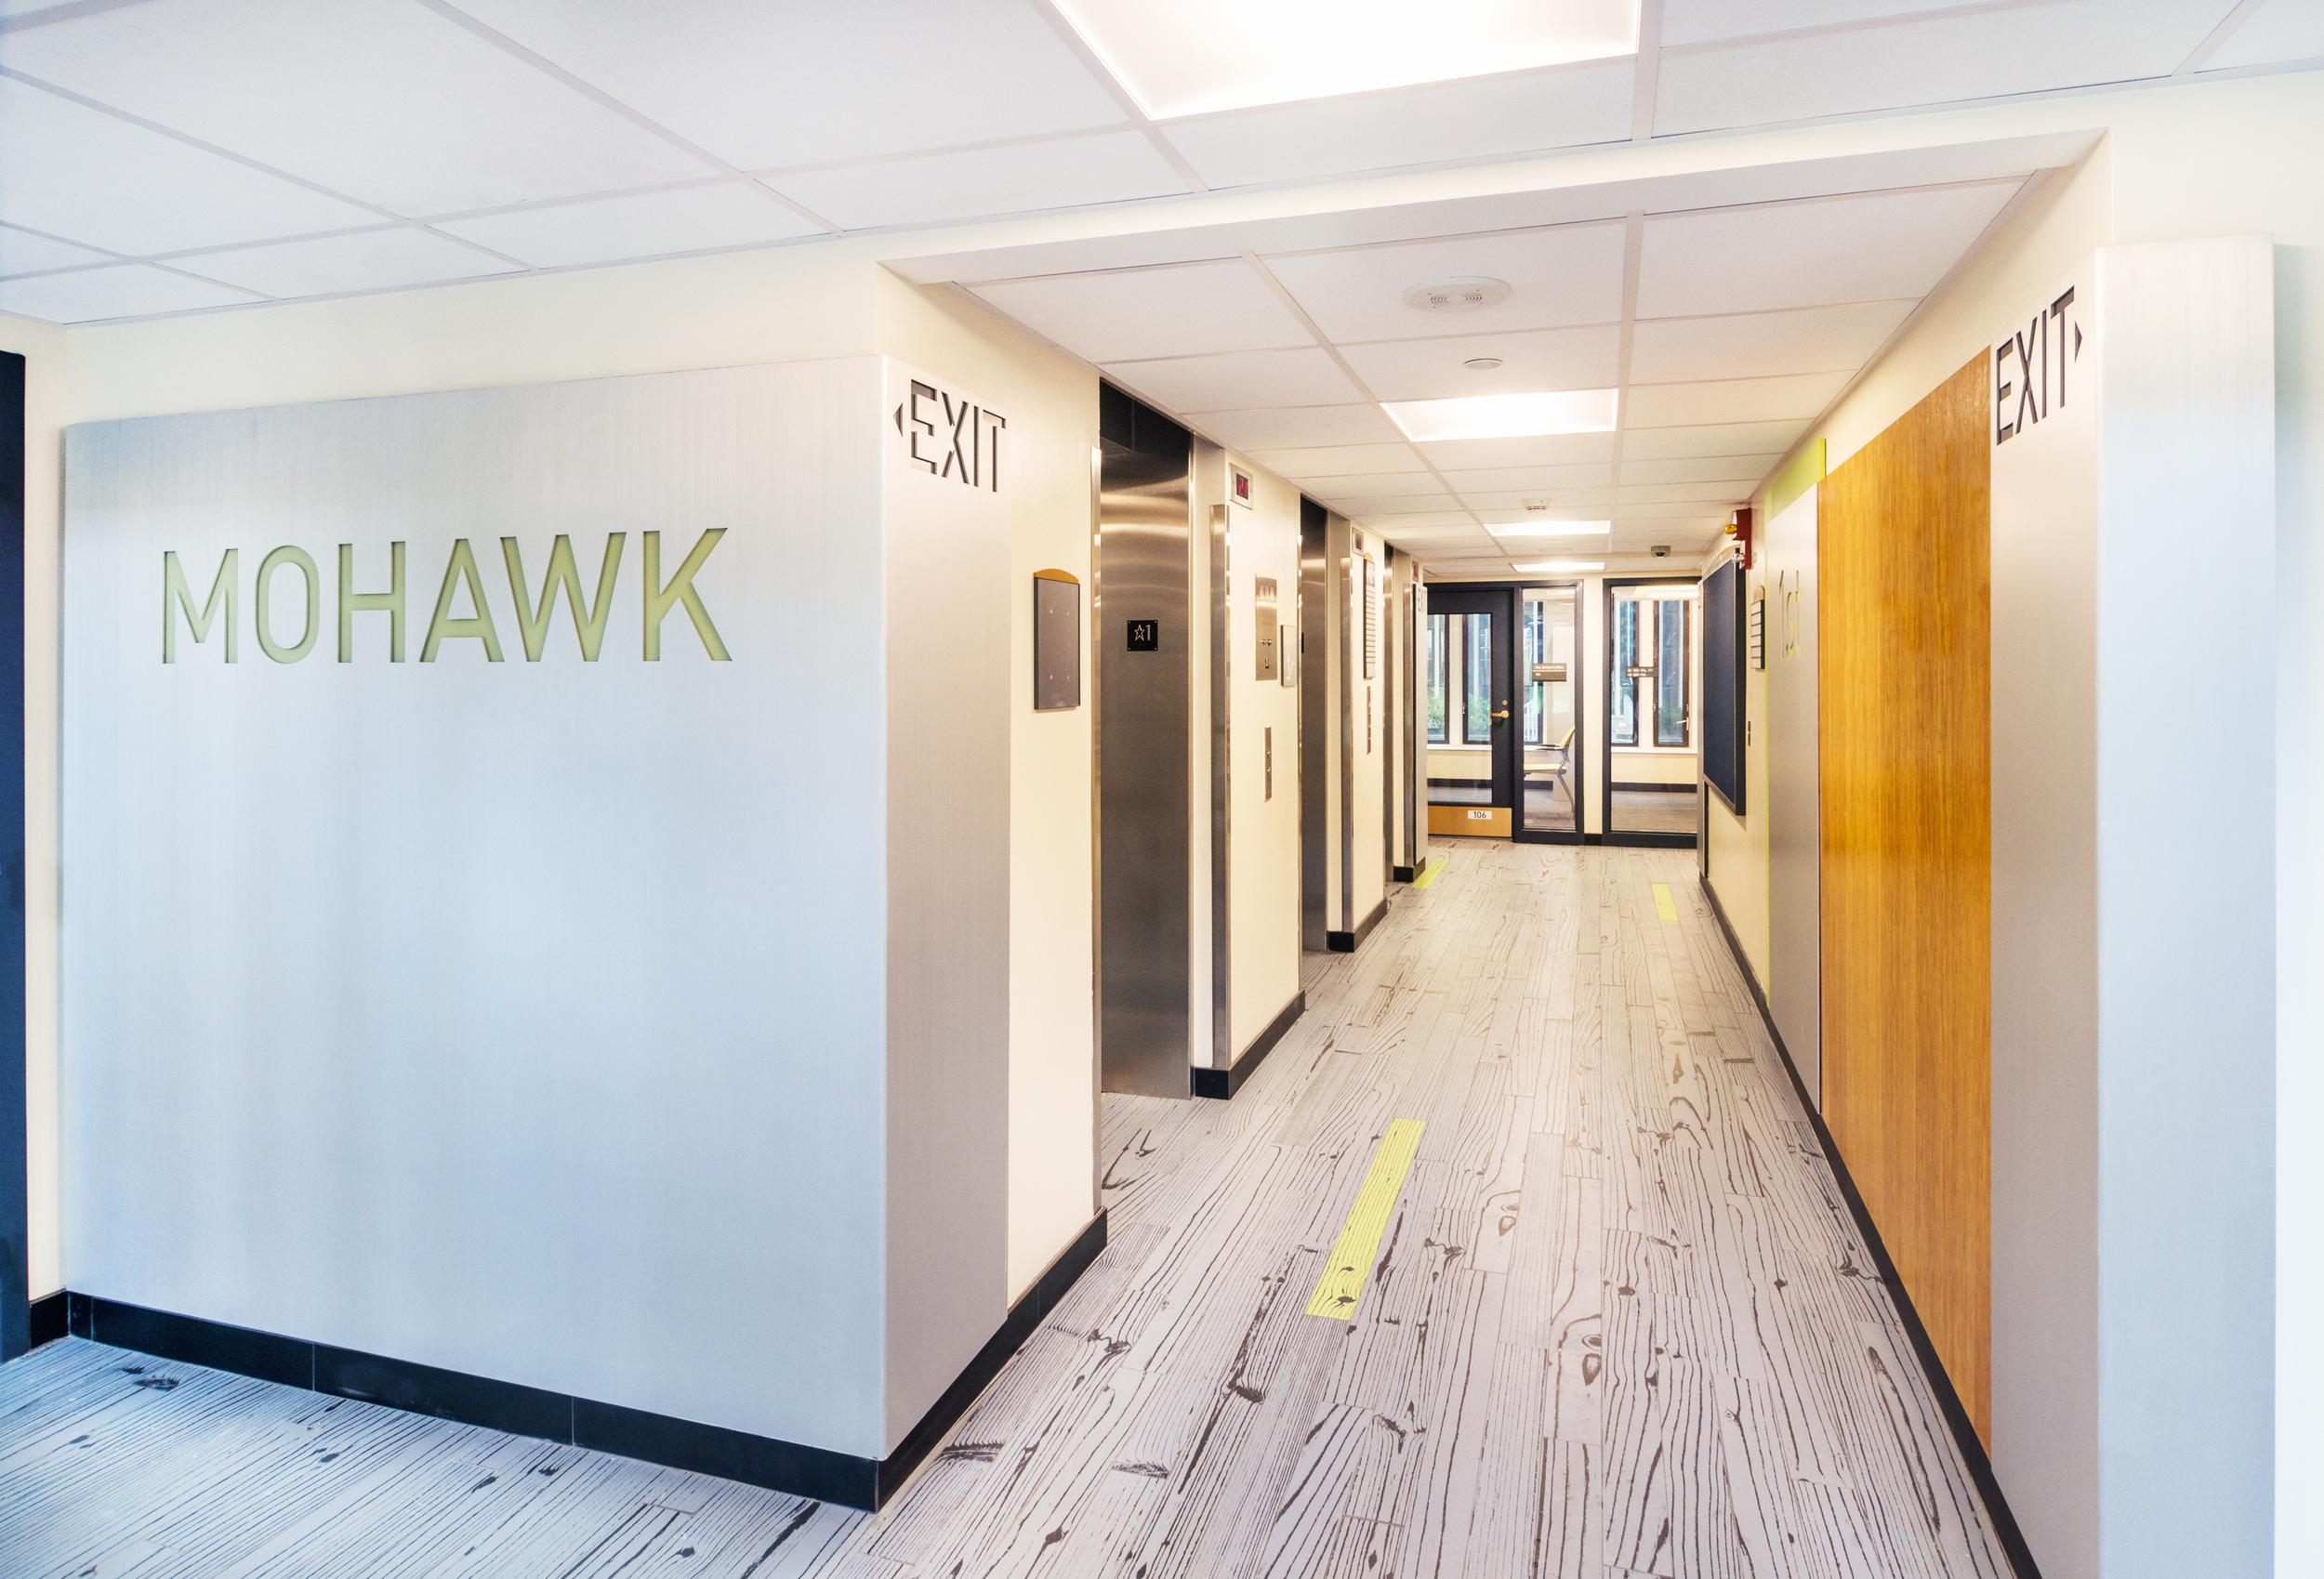 SUNY Albany / Mohawk Tower